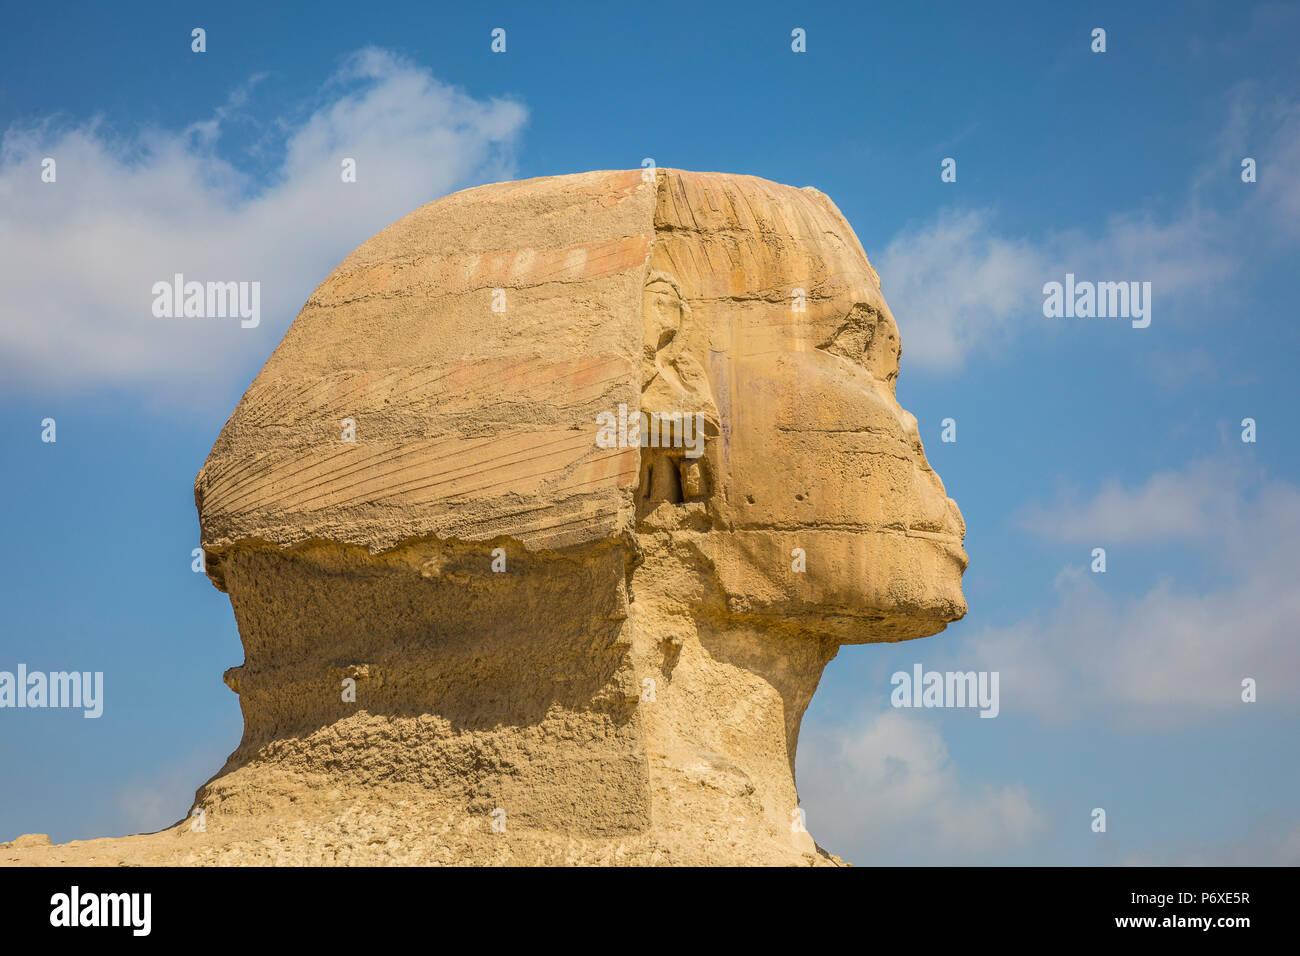 Sphinx, Pyramids of Giza, Giza, Cairo, Egypt - Stock Image